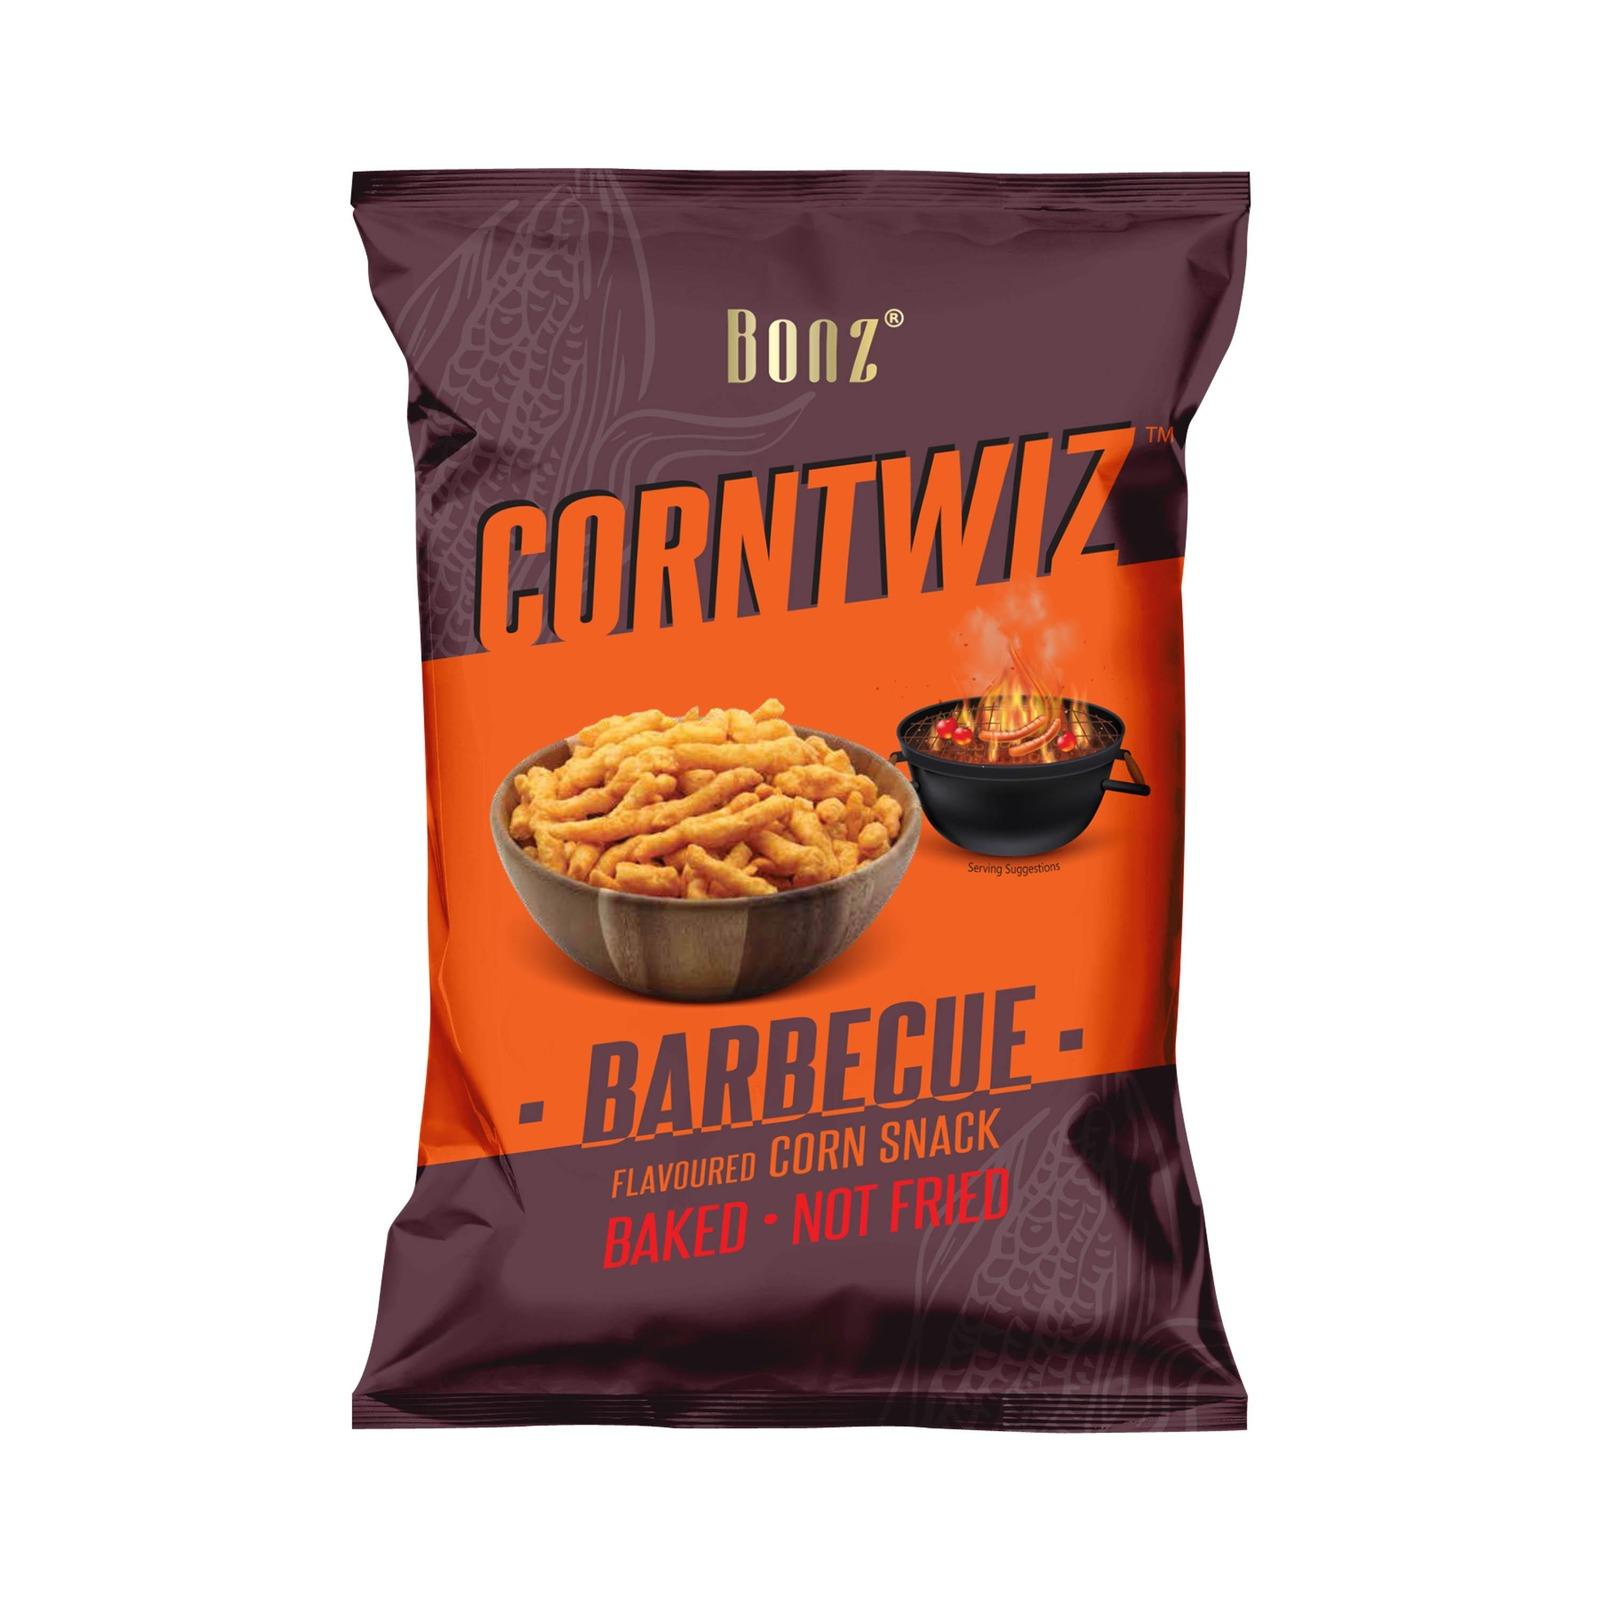 BONZ CORNTWIZ Corn Snack - Barbecue